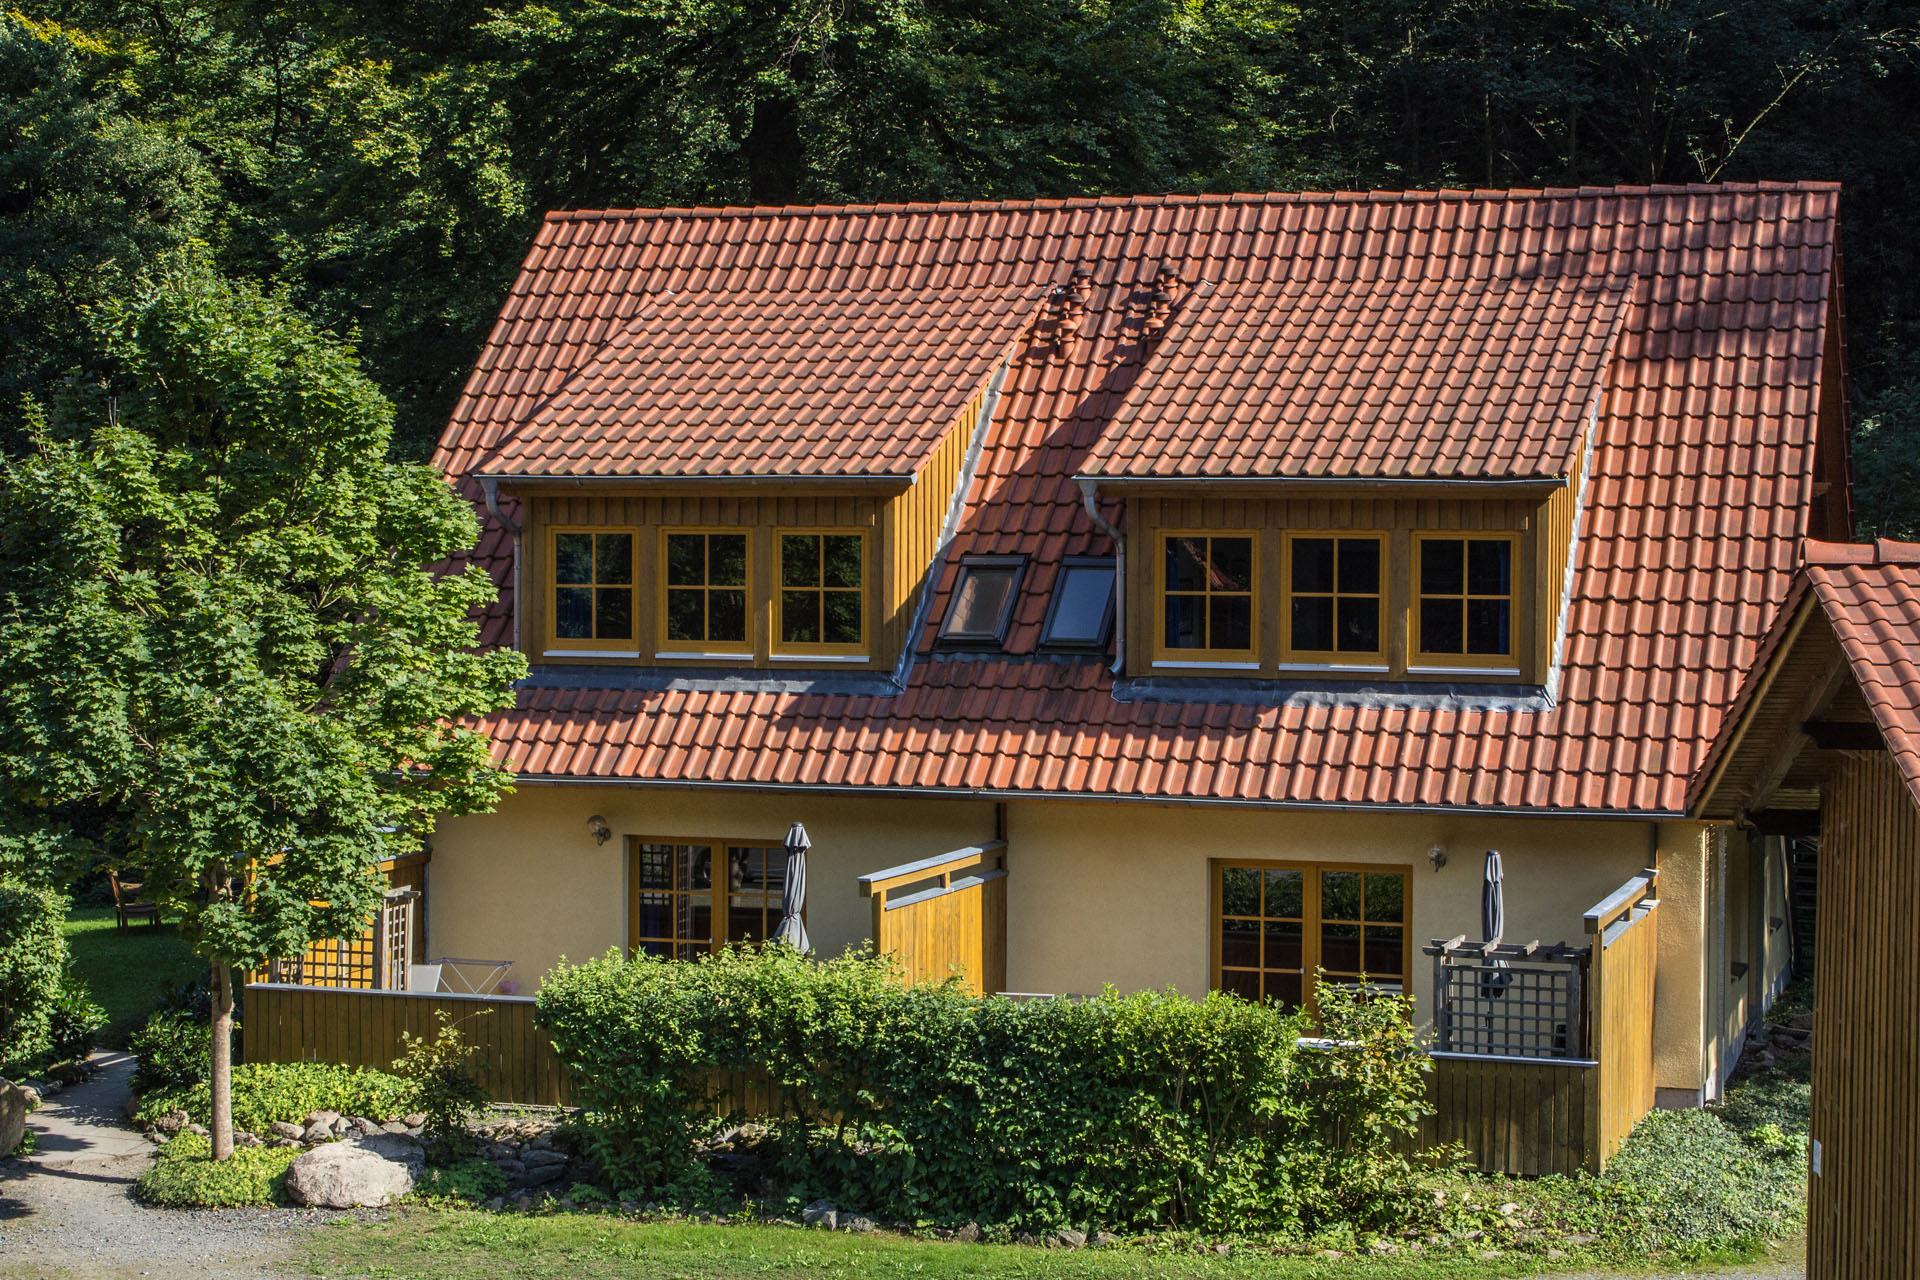 ferienh user am brocken ferienwohnung 60 qm mit 2 schlafzimmern ferienhaus r. Black Bedroom Furniture Sets. Home Design Ideas